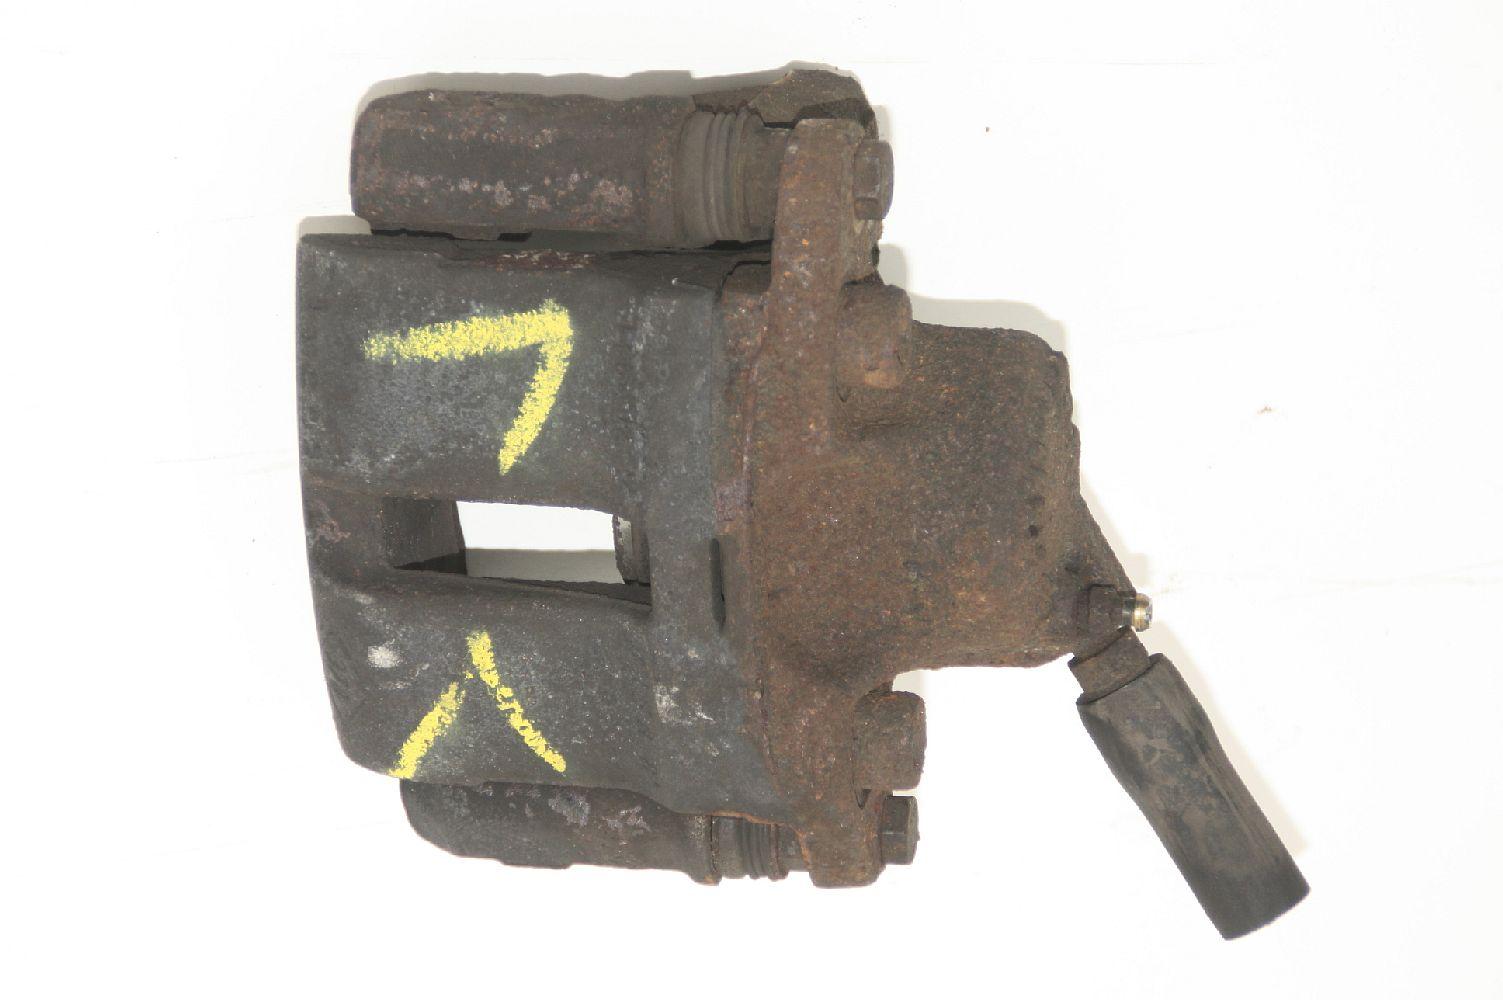 Pinza-de-freno-delantera-izquierda-para-Renault-CLIO-2-7701207958-ABS-1-1-50488